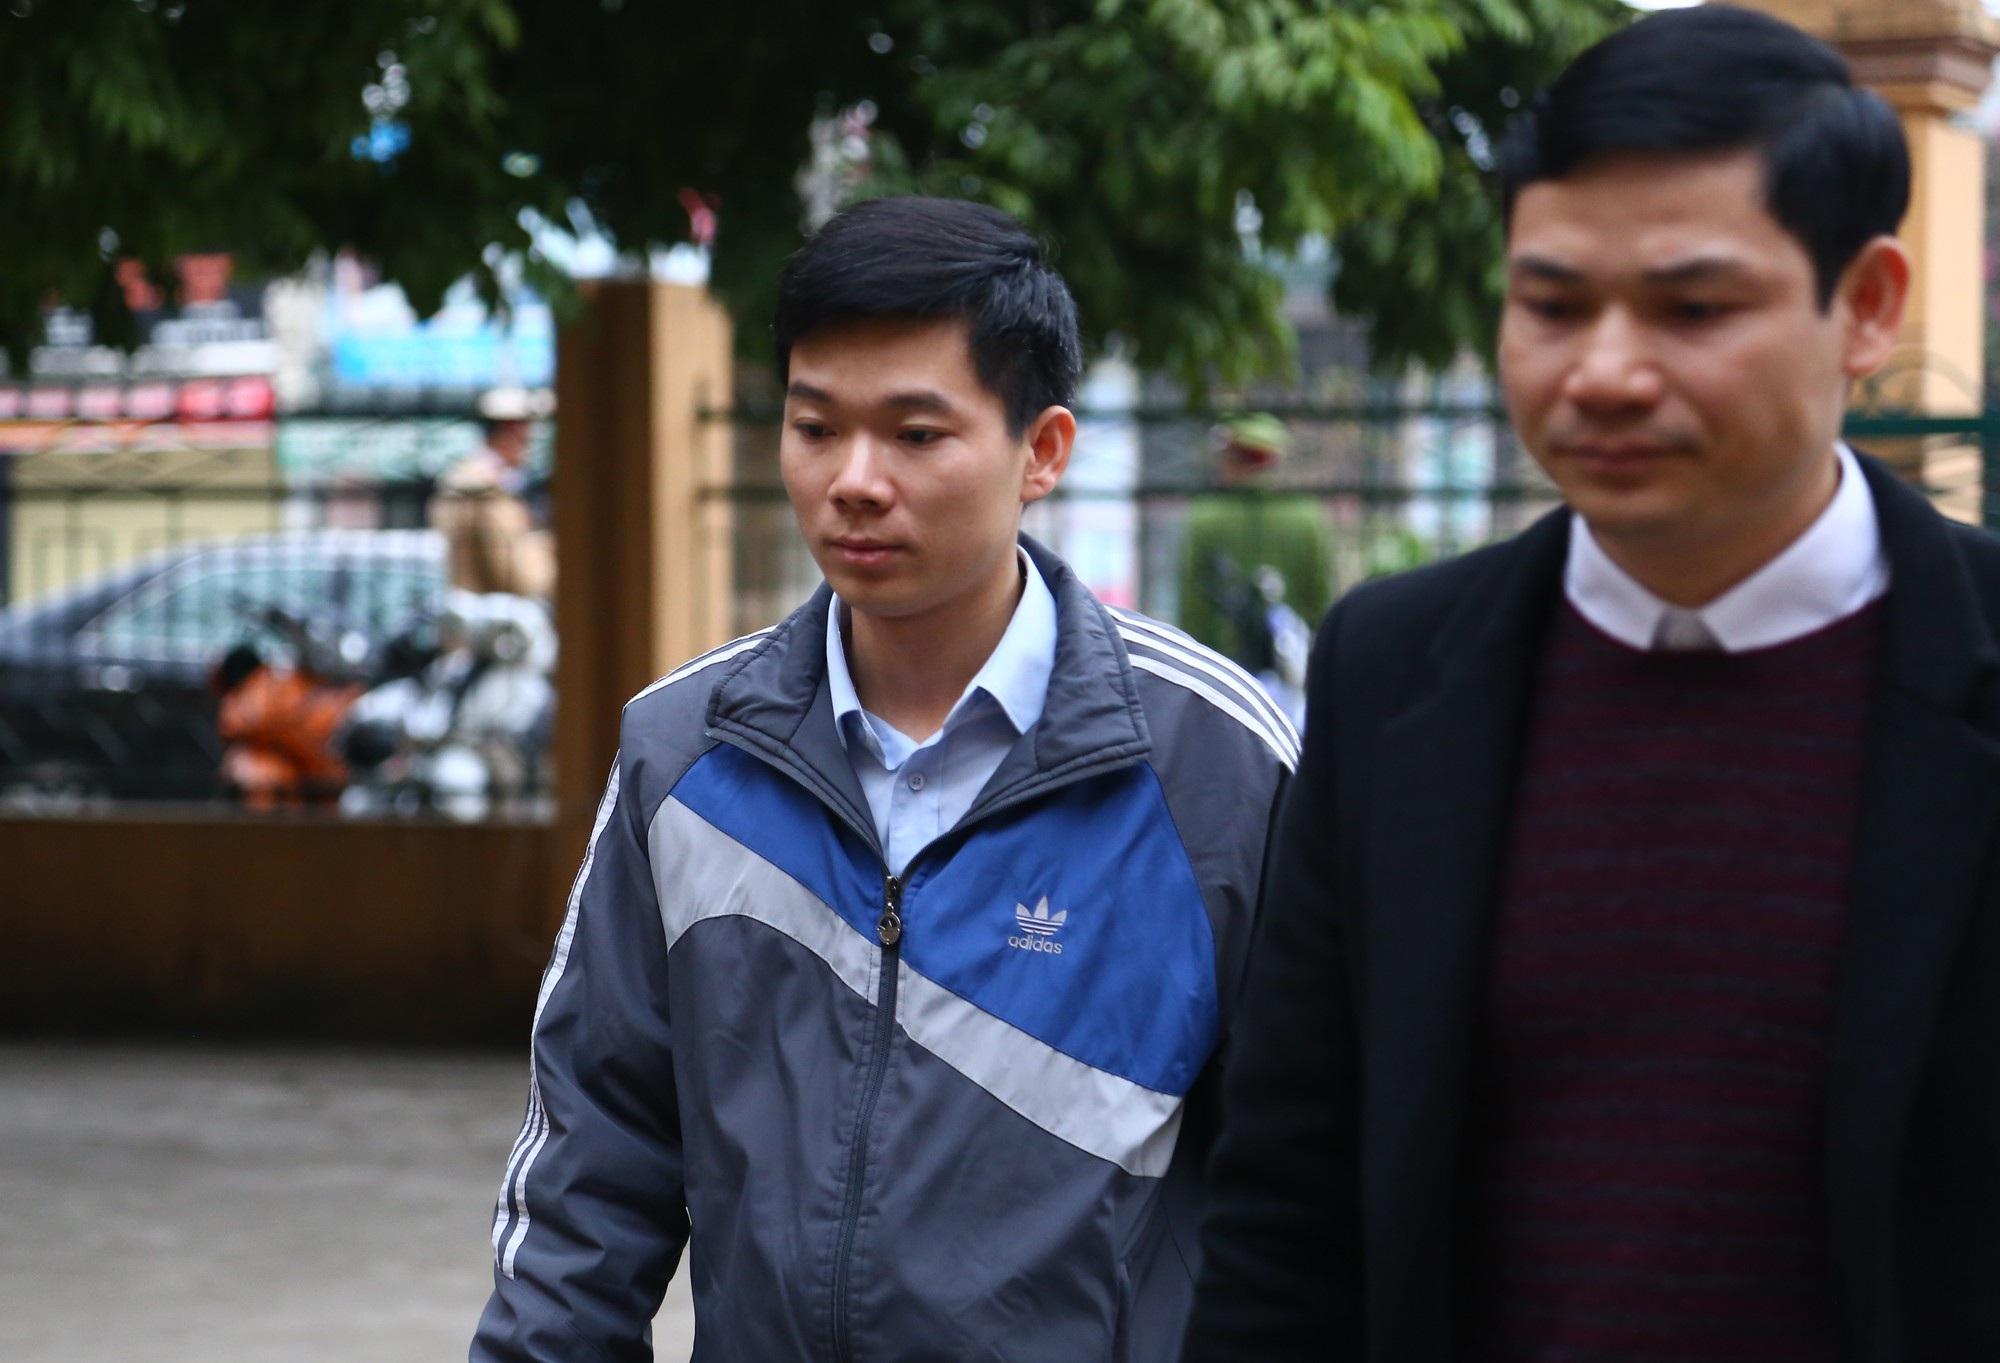 Xử vụ chạy thận tử vong: Bị cáo Hoàng Công Lương xin giữ quyền im lặng tại tòa - Ảnh 1.